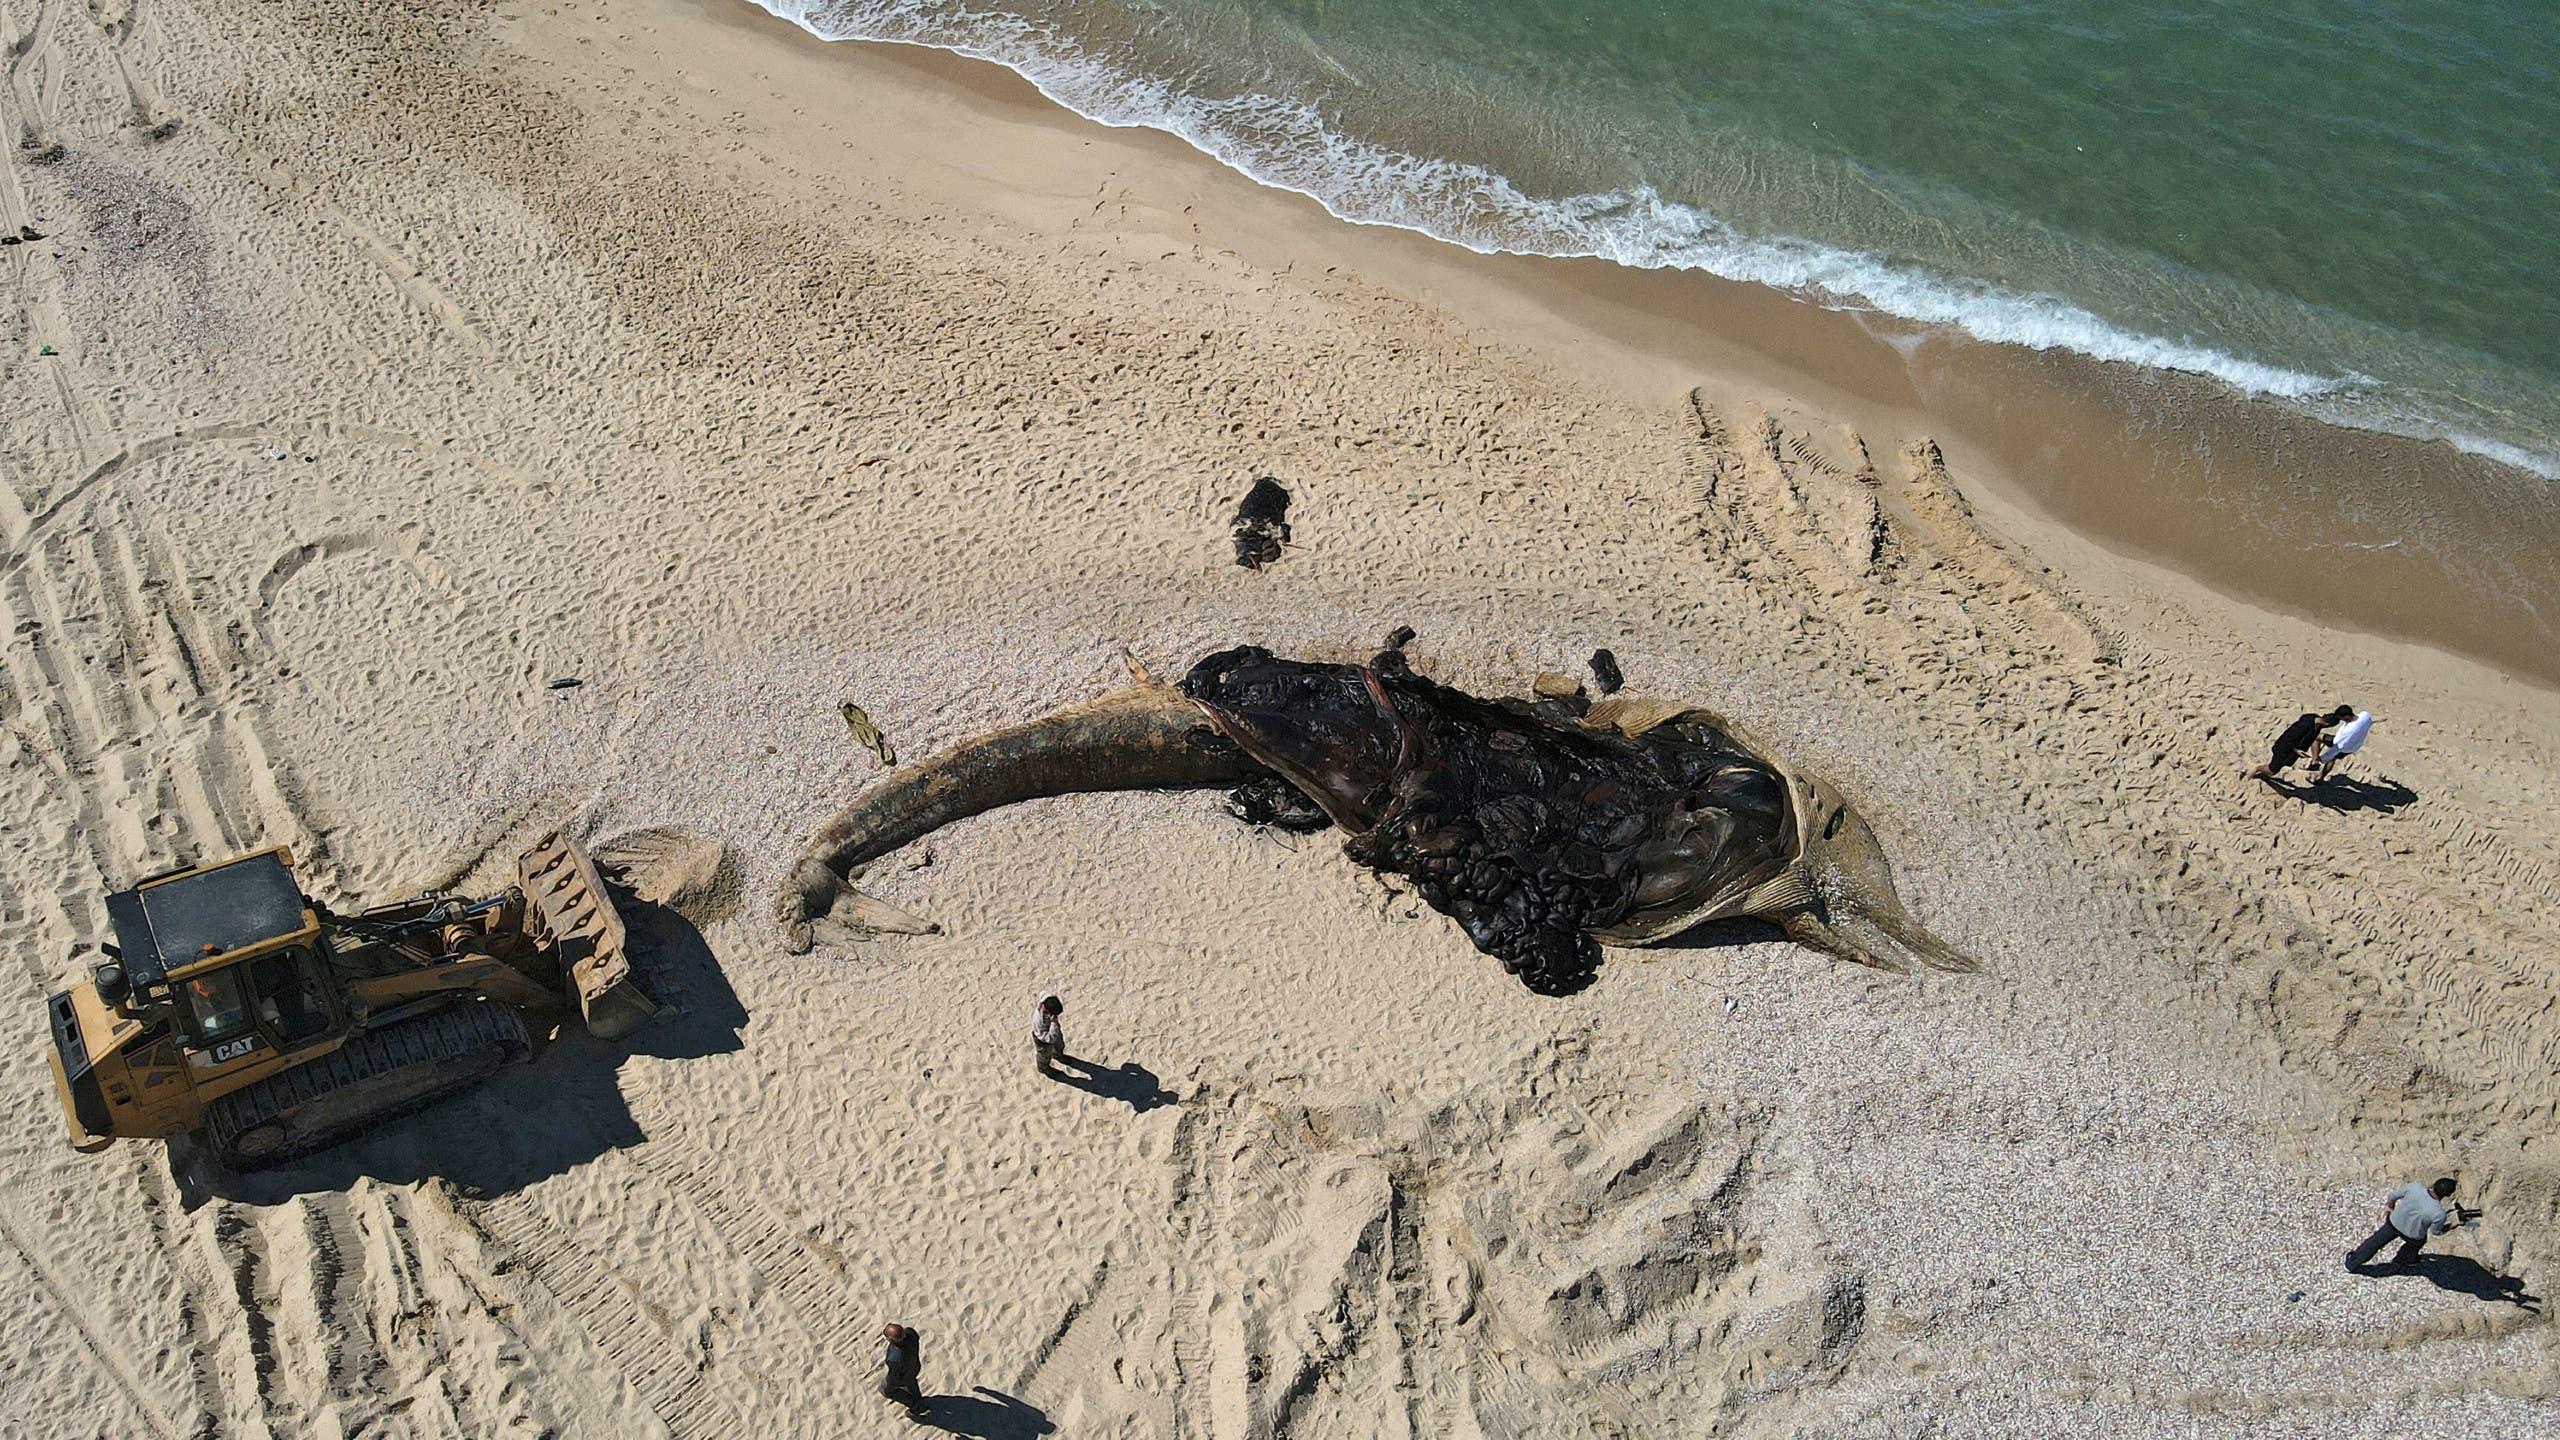 اتهام جدید اسرائیل: ایران، سواحل اسرائیل را آلوده کرده / این اقدام تروریستی است